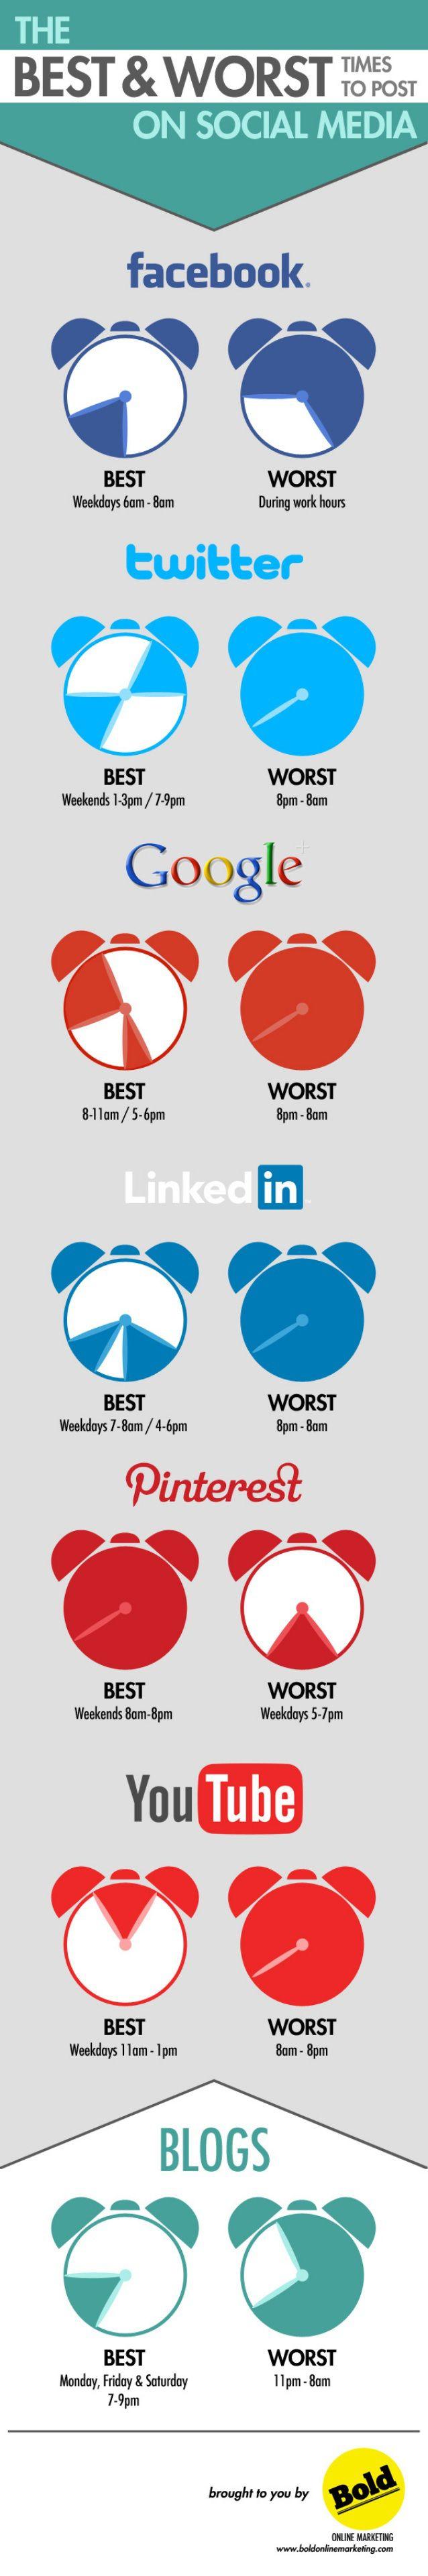 Mejores horas para publicar en las redes sociales